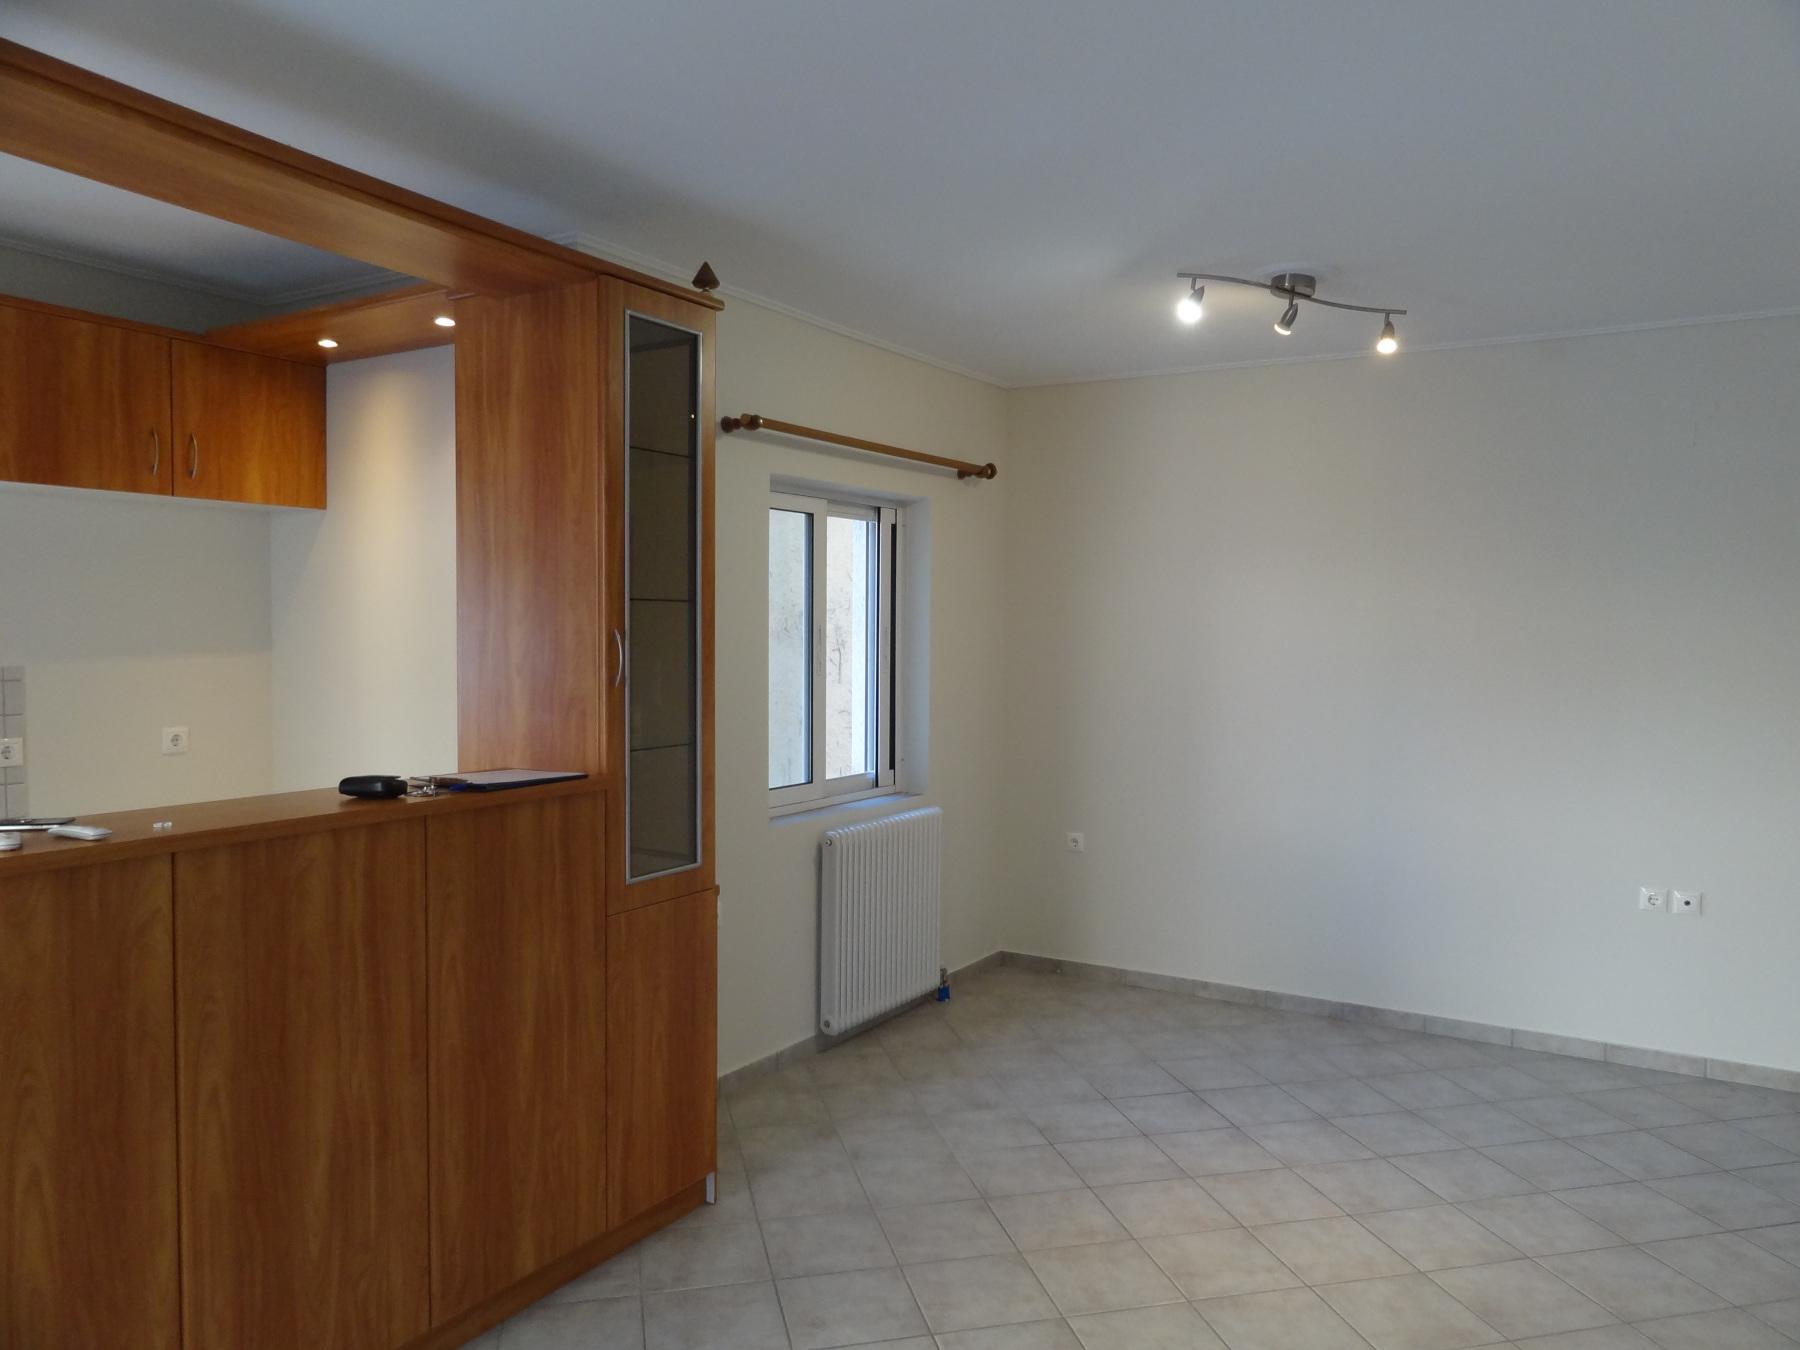 Ενοικιάζεται 3αρι φωτεινό διαμέρισμα 70 τ.μ. 3ου ορόφου κοντά στο κέντρο των Ιωαννίνων